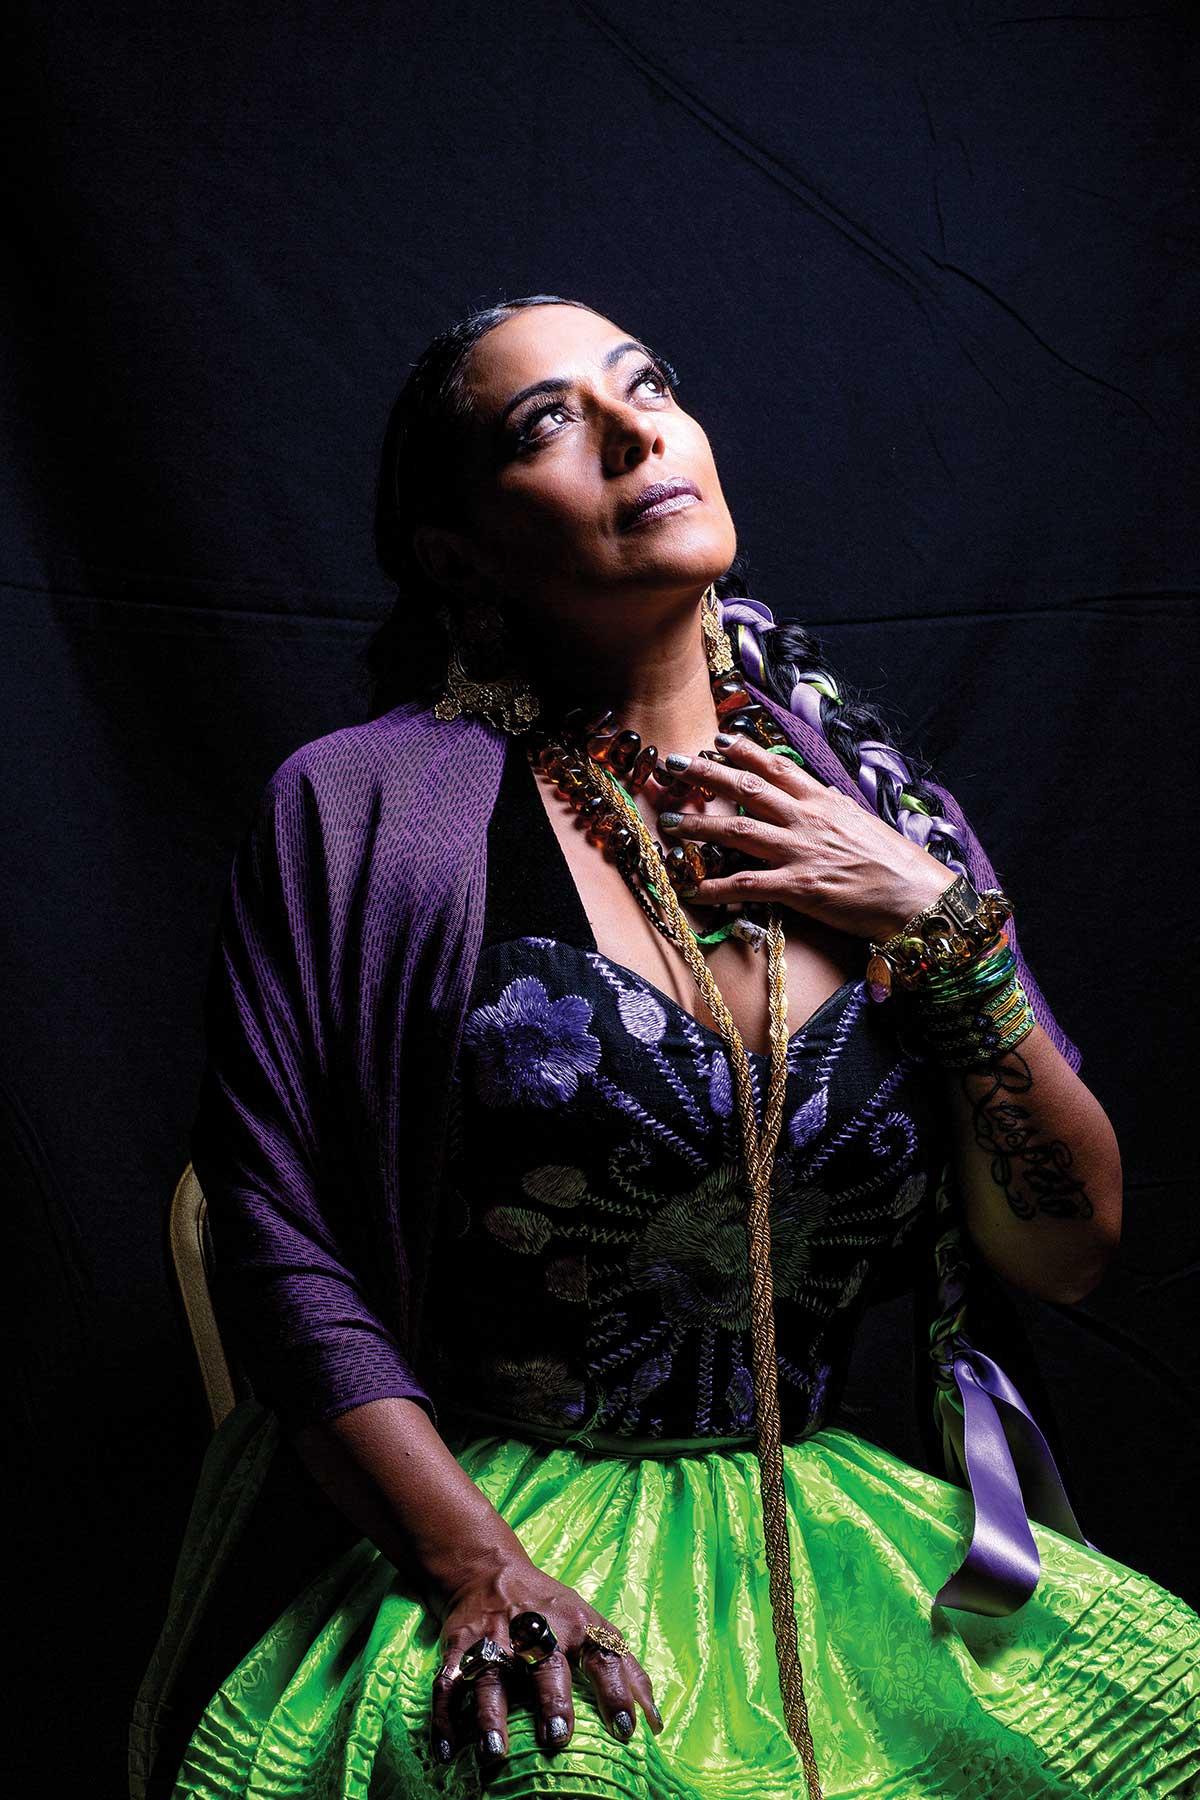 Lila Downs, la cantante, posa mirando al cielo con una blusa tipo corset y un chal morado y una falda verde de seda.trae collares y muchas pulseras.